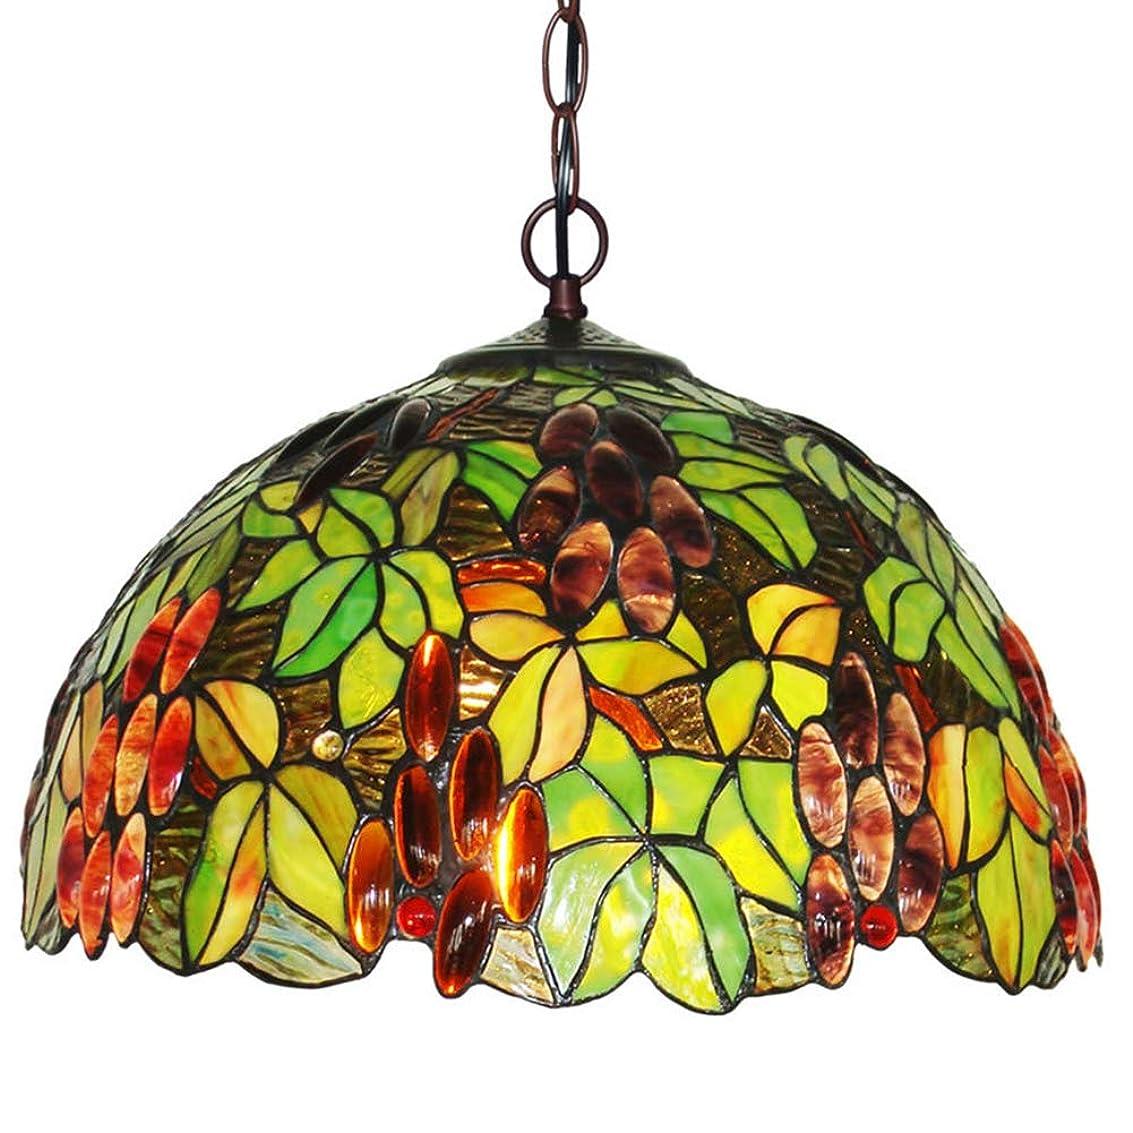 粘り強いスキームクリップティファニースタイルのシャンデリア、16インチクリエイティブステンドグラスのリビングルームの寝室の装飾的な天井ペンダントランプ吊りランプ、E27 / E26最大60W * 2